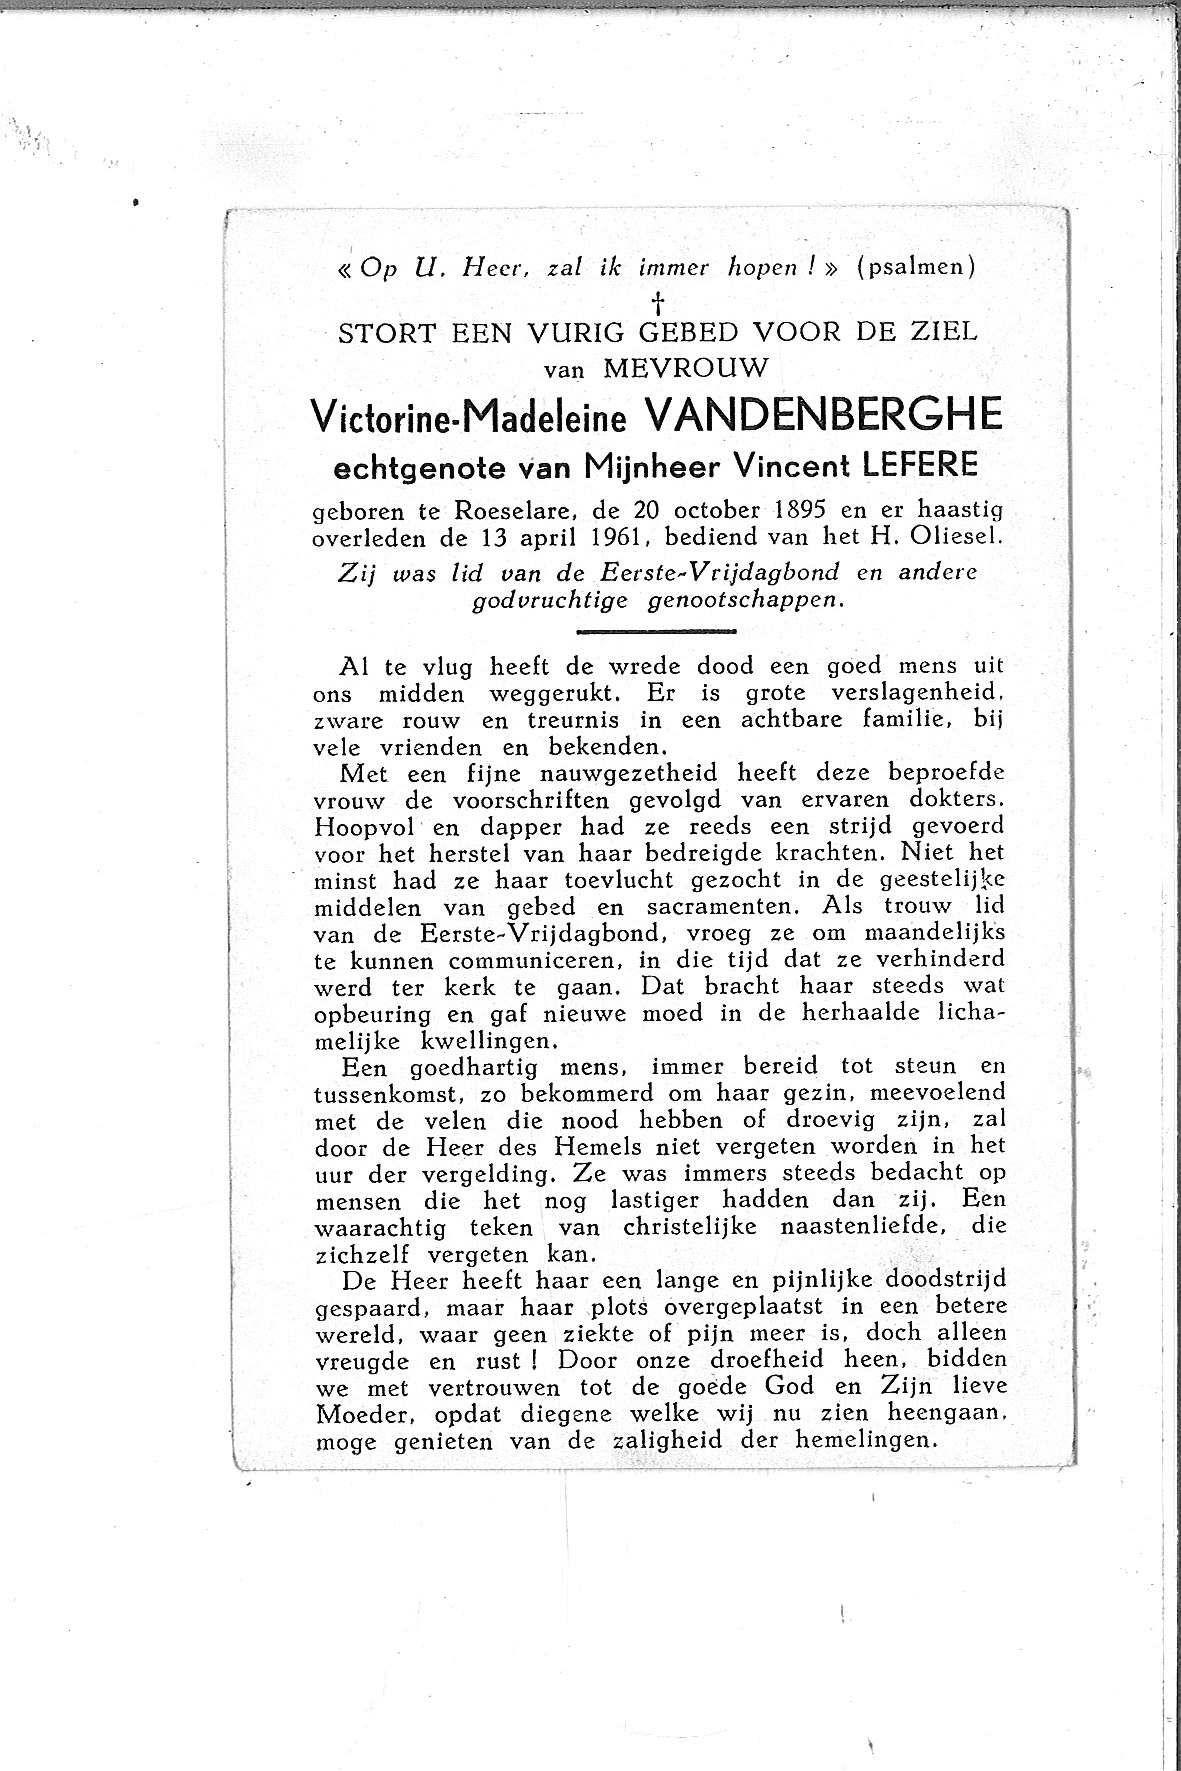 Victorine-Madeleine(1961)20140722165159_00309.jpg